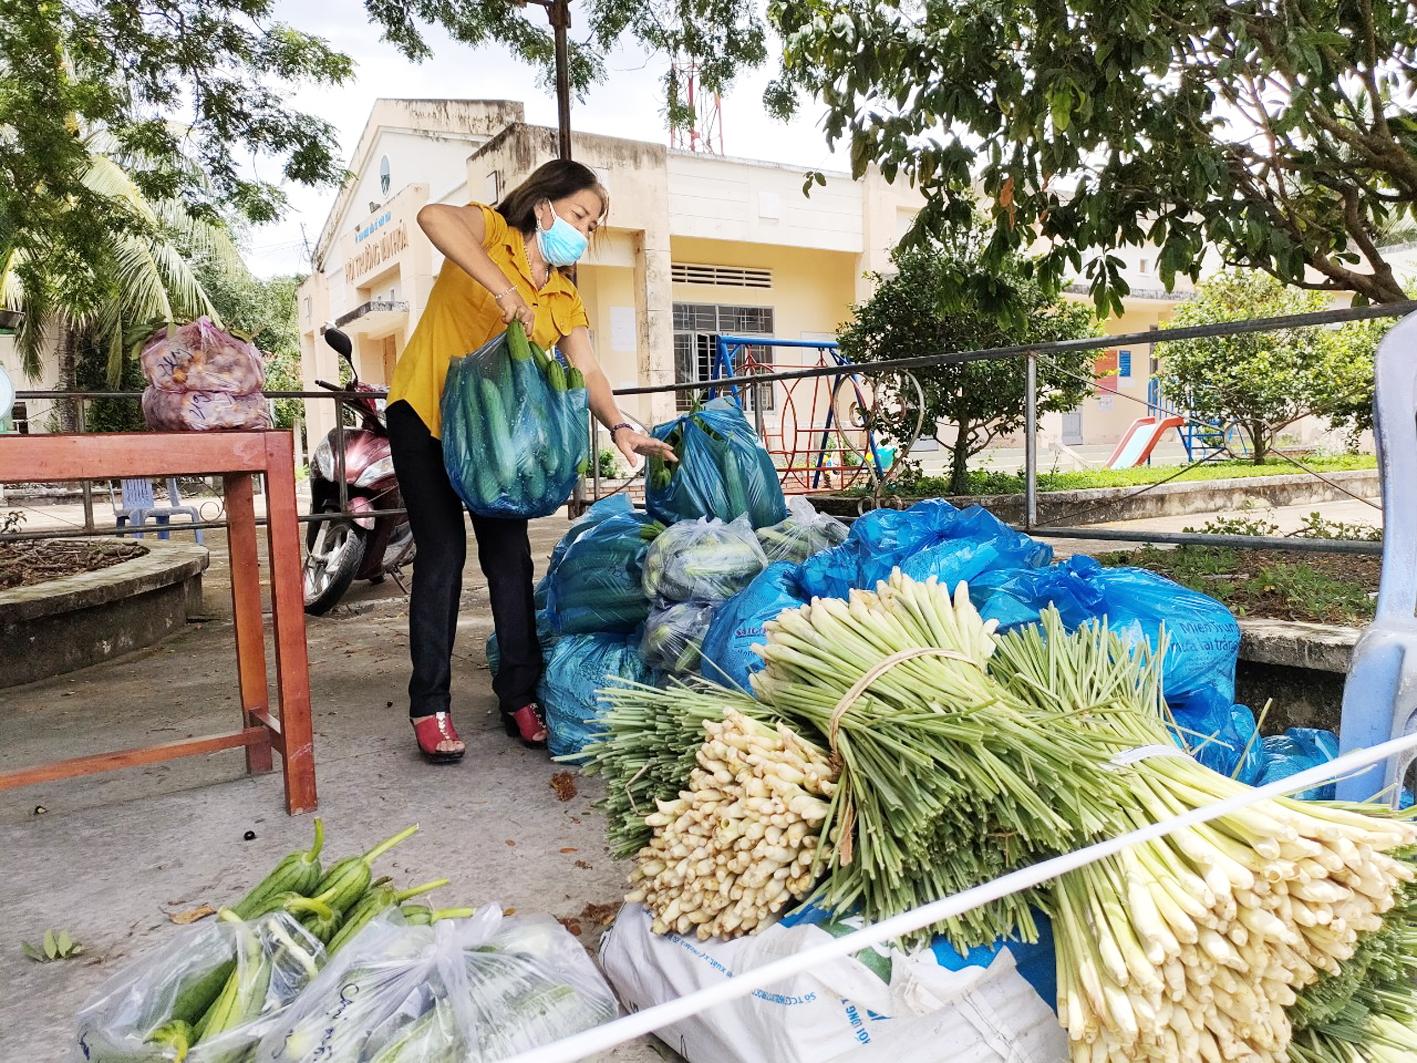 """Chị Nguyễn Thị Việt Hà (Bến Tre) bôn ba hằng ngày tìm cách """"giải cứu"""" nông sản giúp bà con nông dân"""